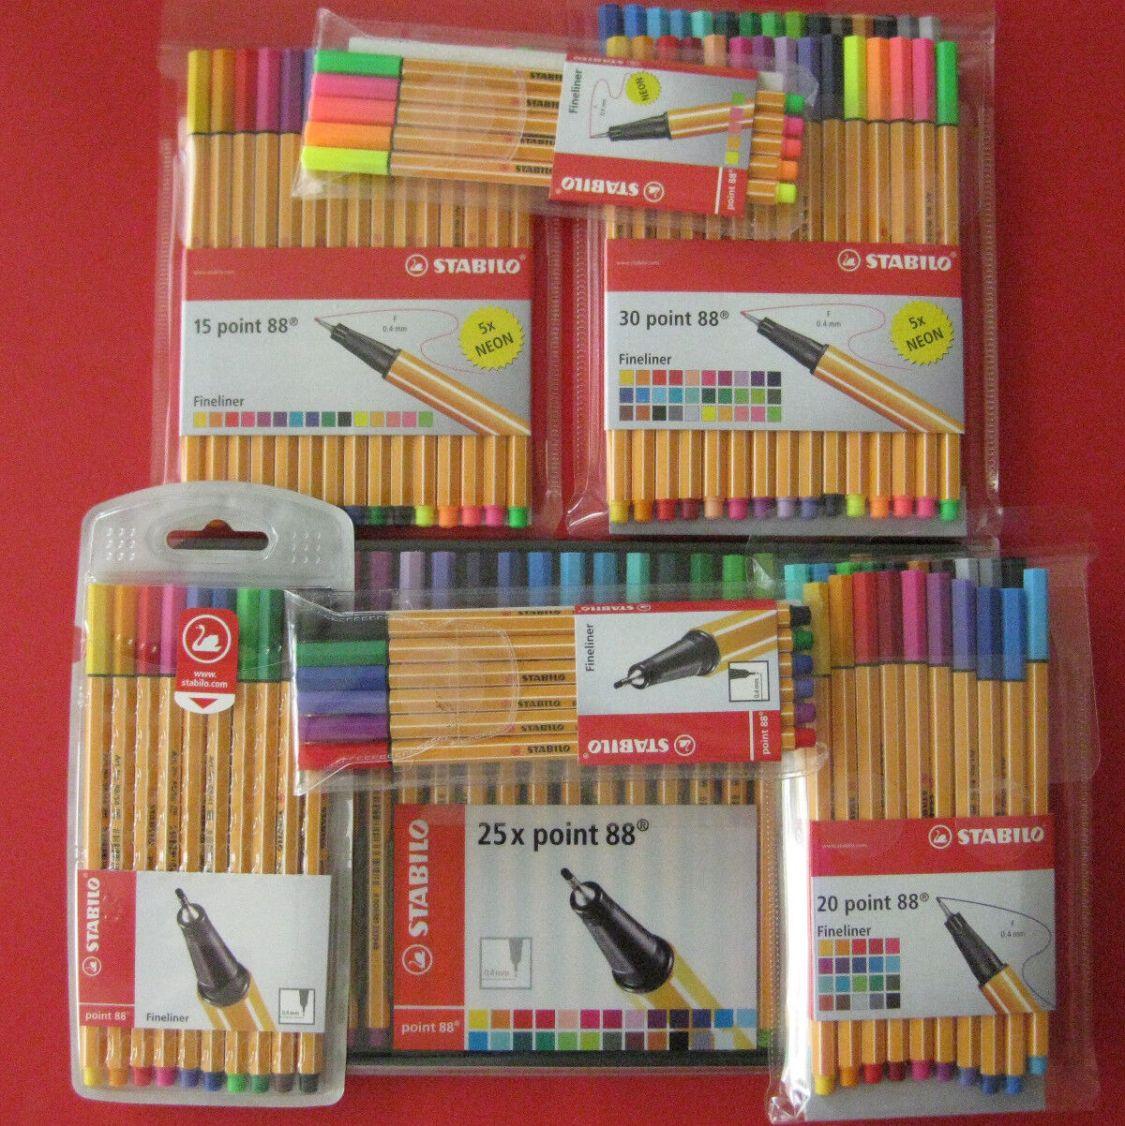 Stabilo Point 88 Fineliner Tintenschreiber Set 5 6 10 15 20 25 30 Stifte Sets